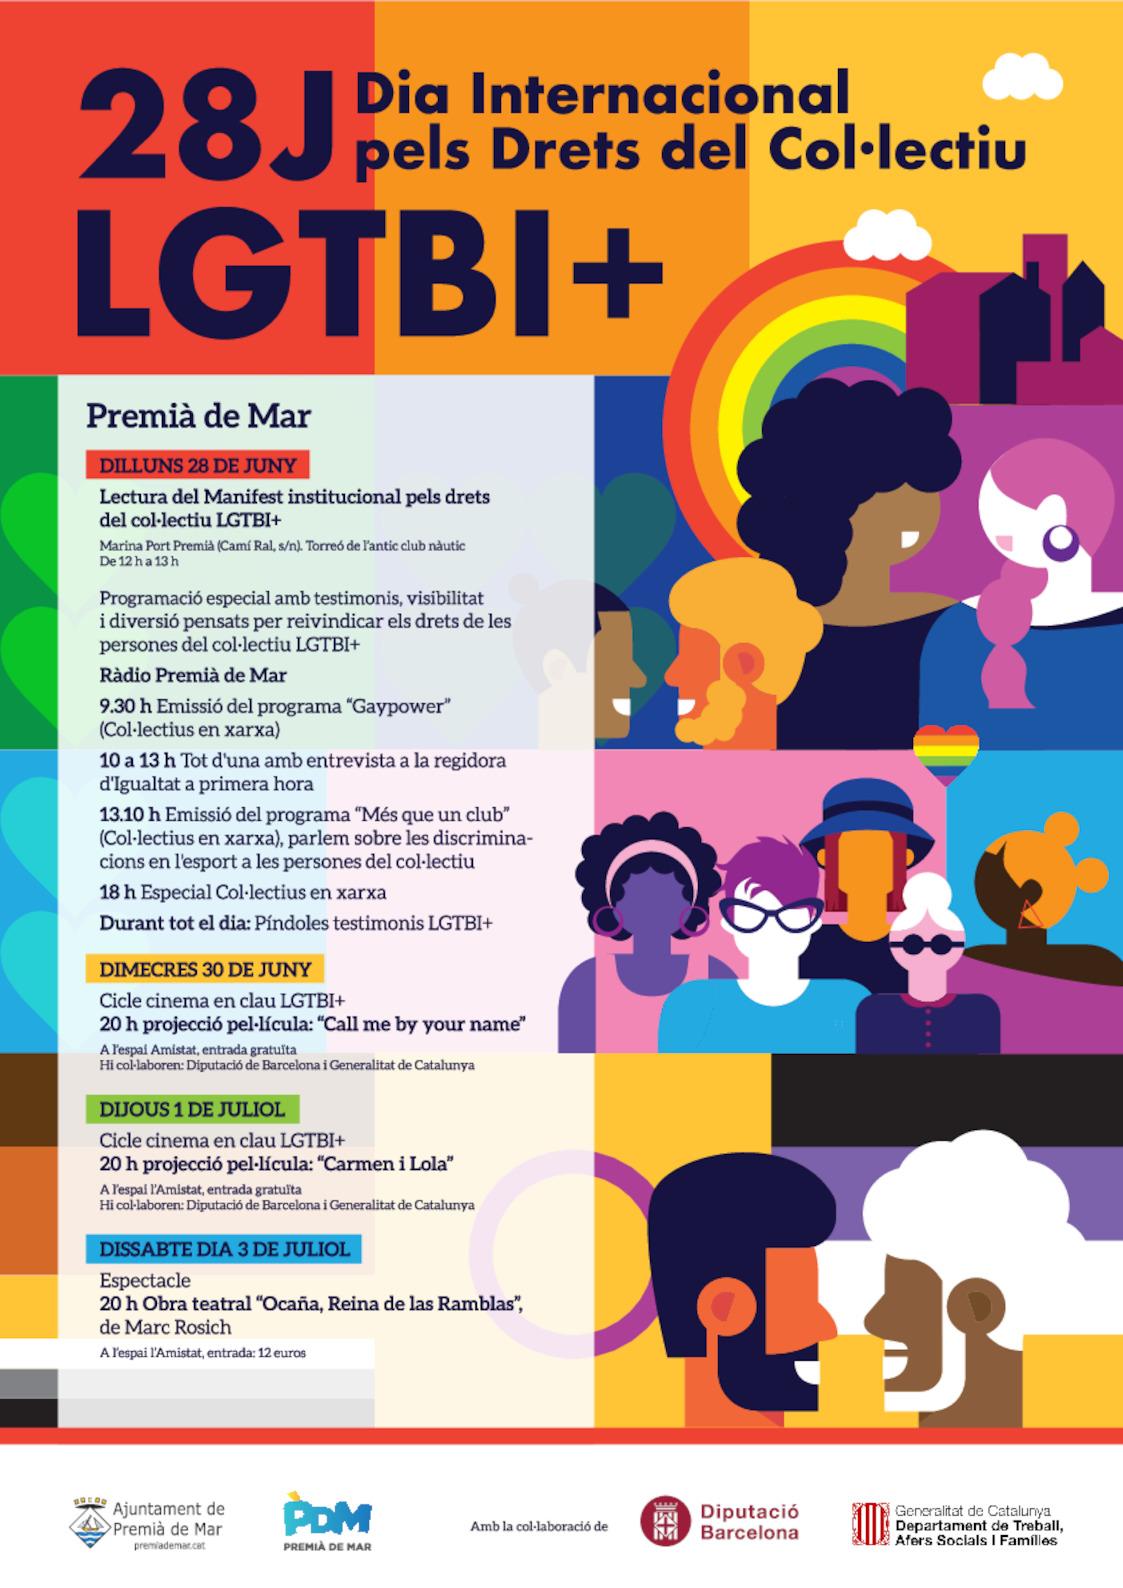 28 Juny Di Internacional Pels Drets del Col·lectiu LGTBI+